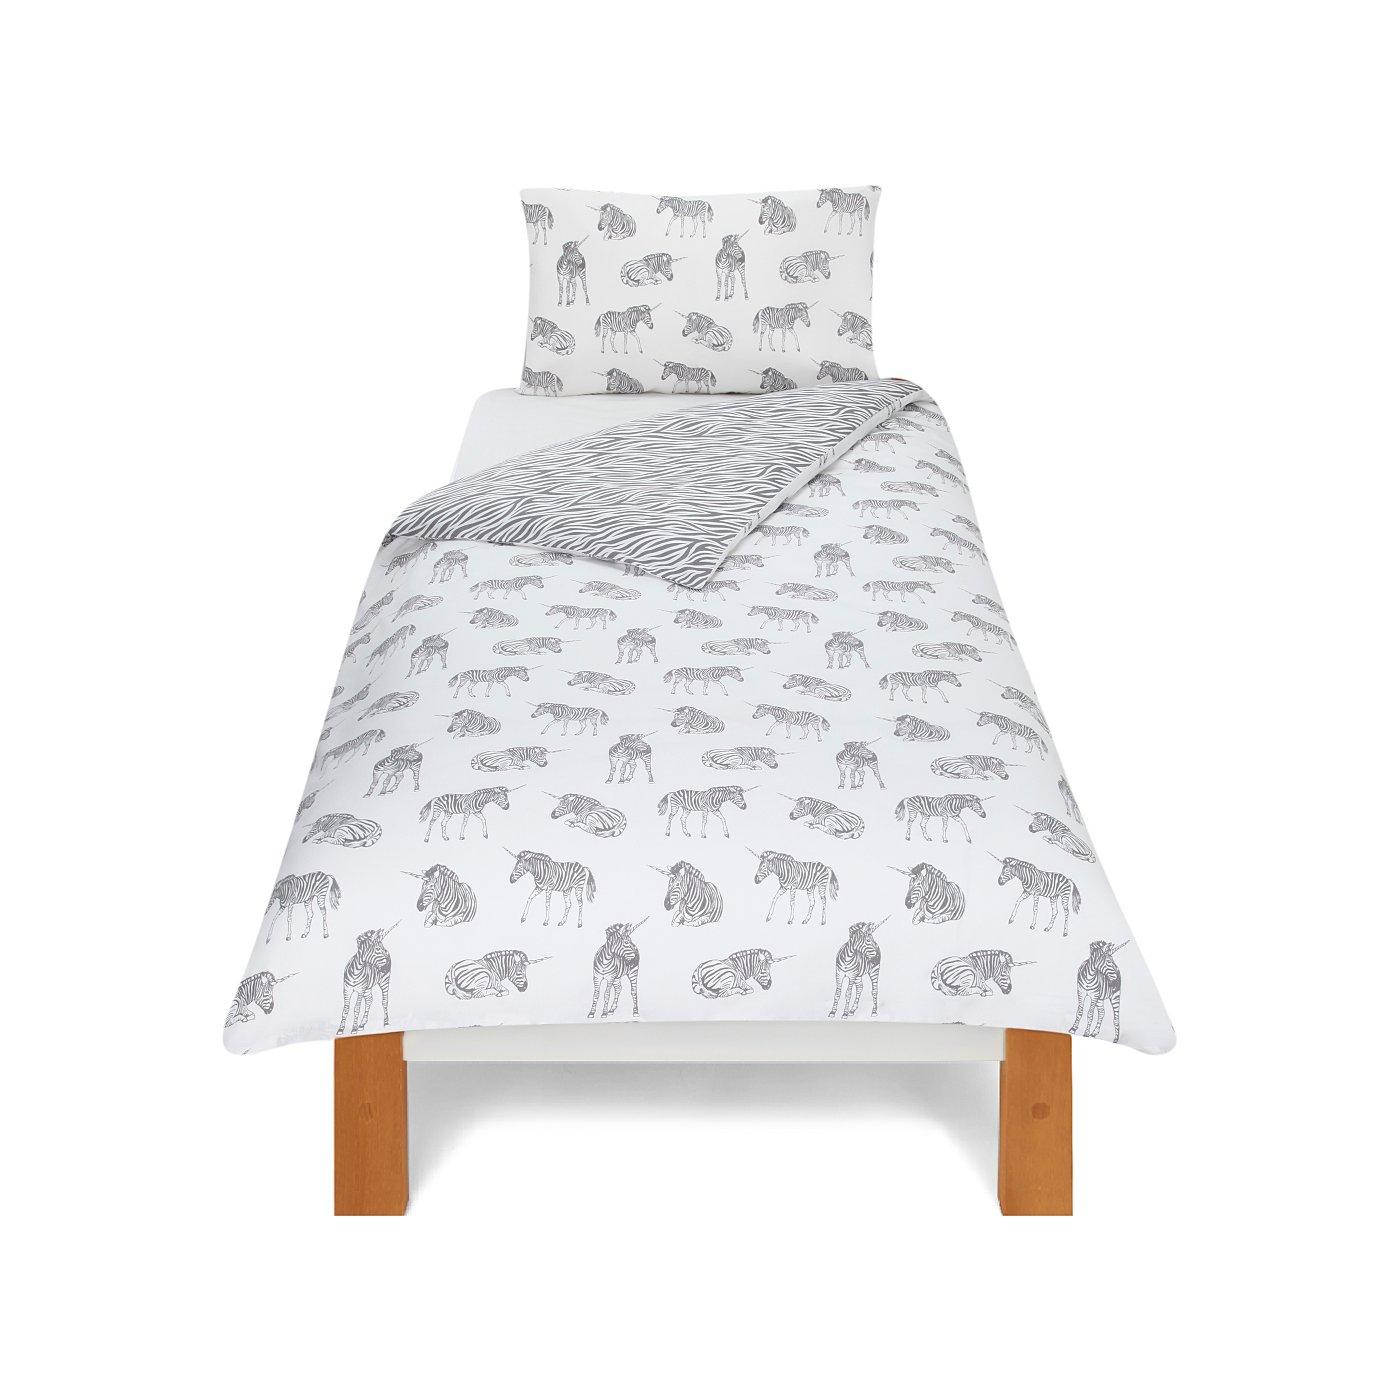 White apron asda - Unicorn Zebra Bedding Range